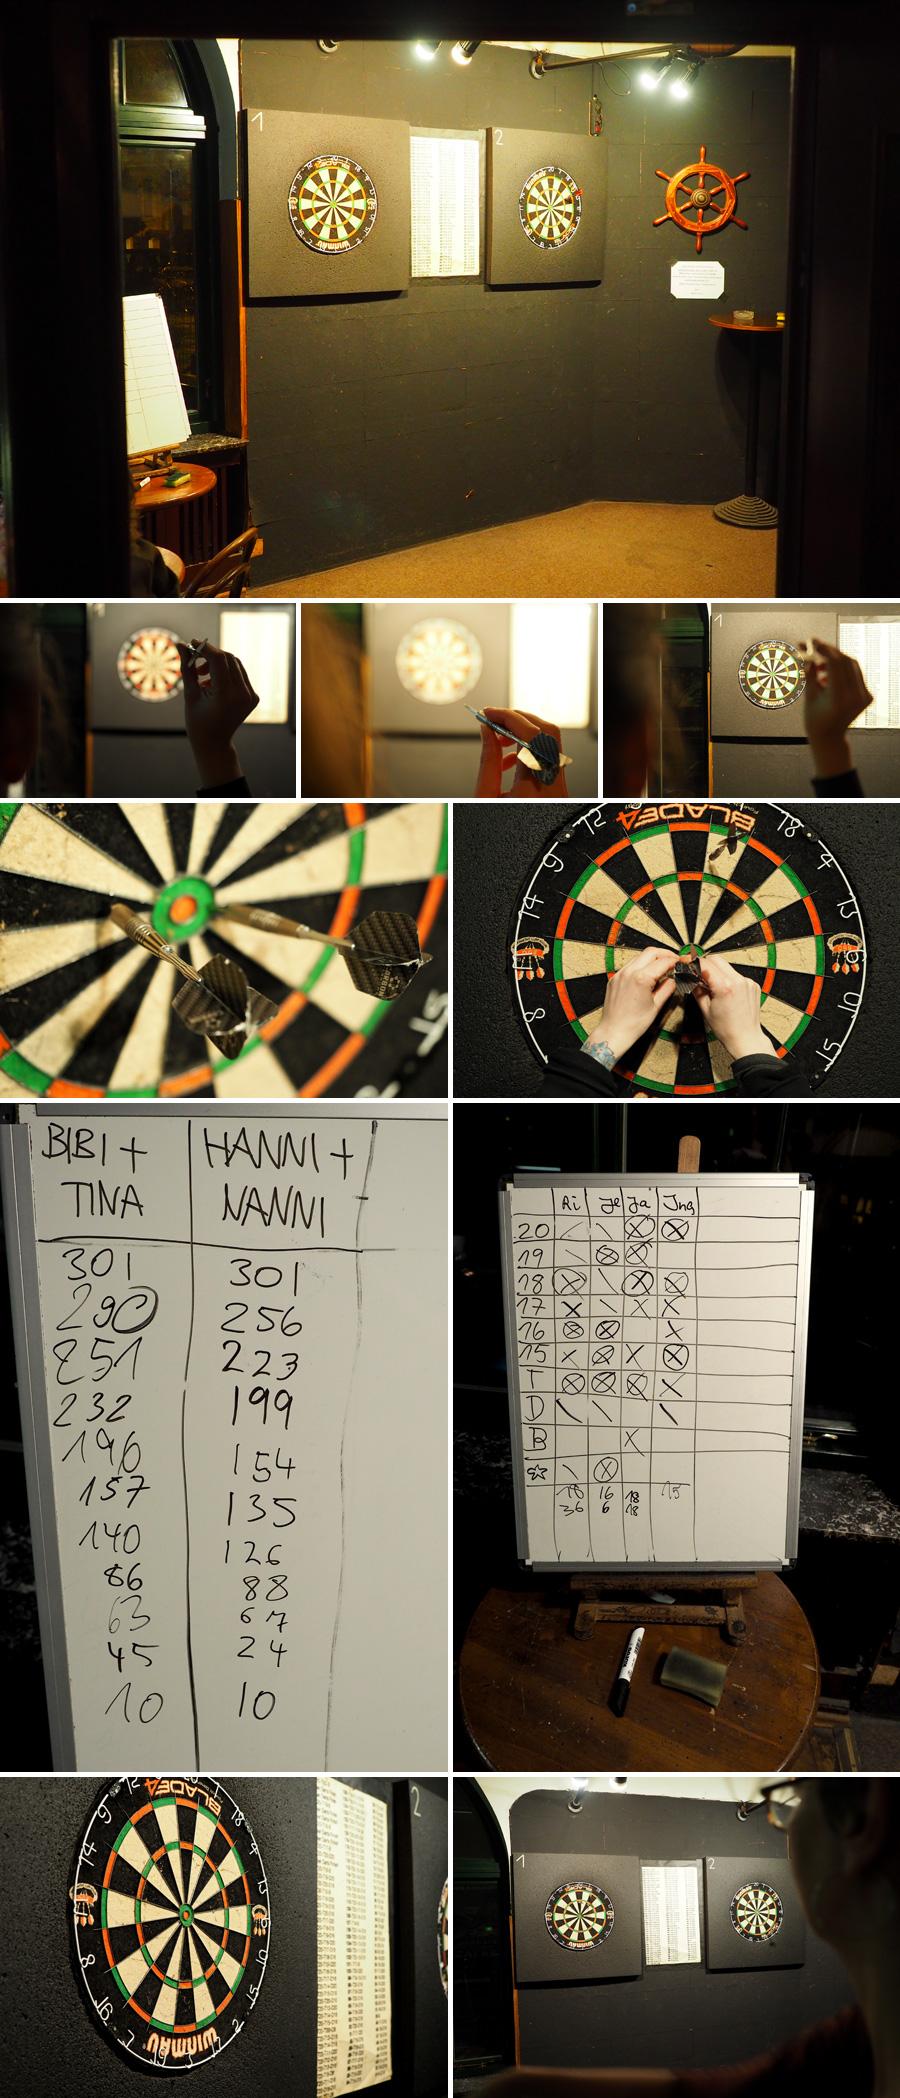 Verschiedene Spielvarianten beim Dart üben das Zielen. Es macht aber auch schon Spaß, einfach drauf los zu darten :)